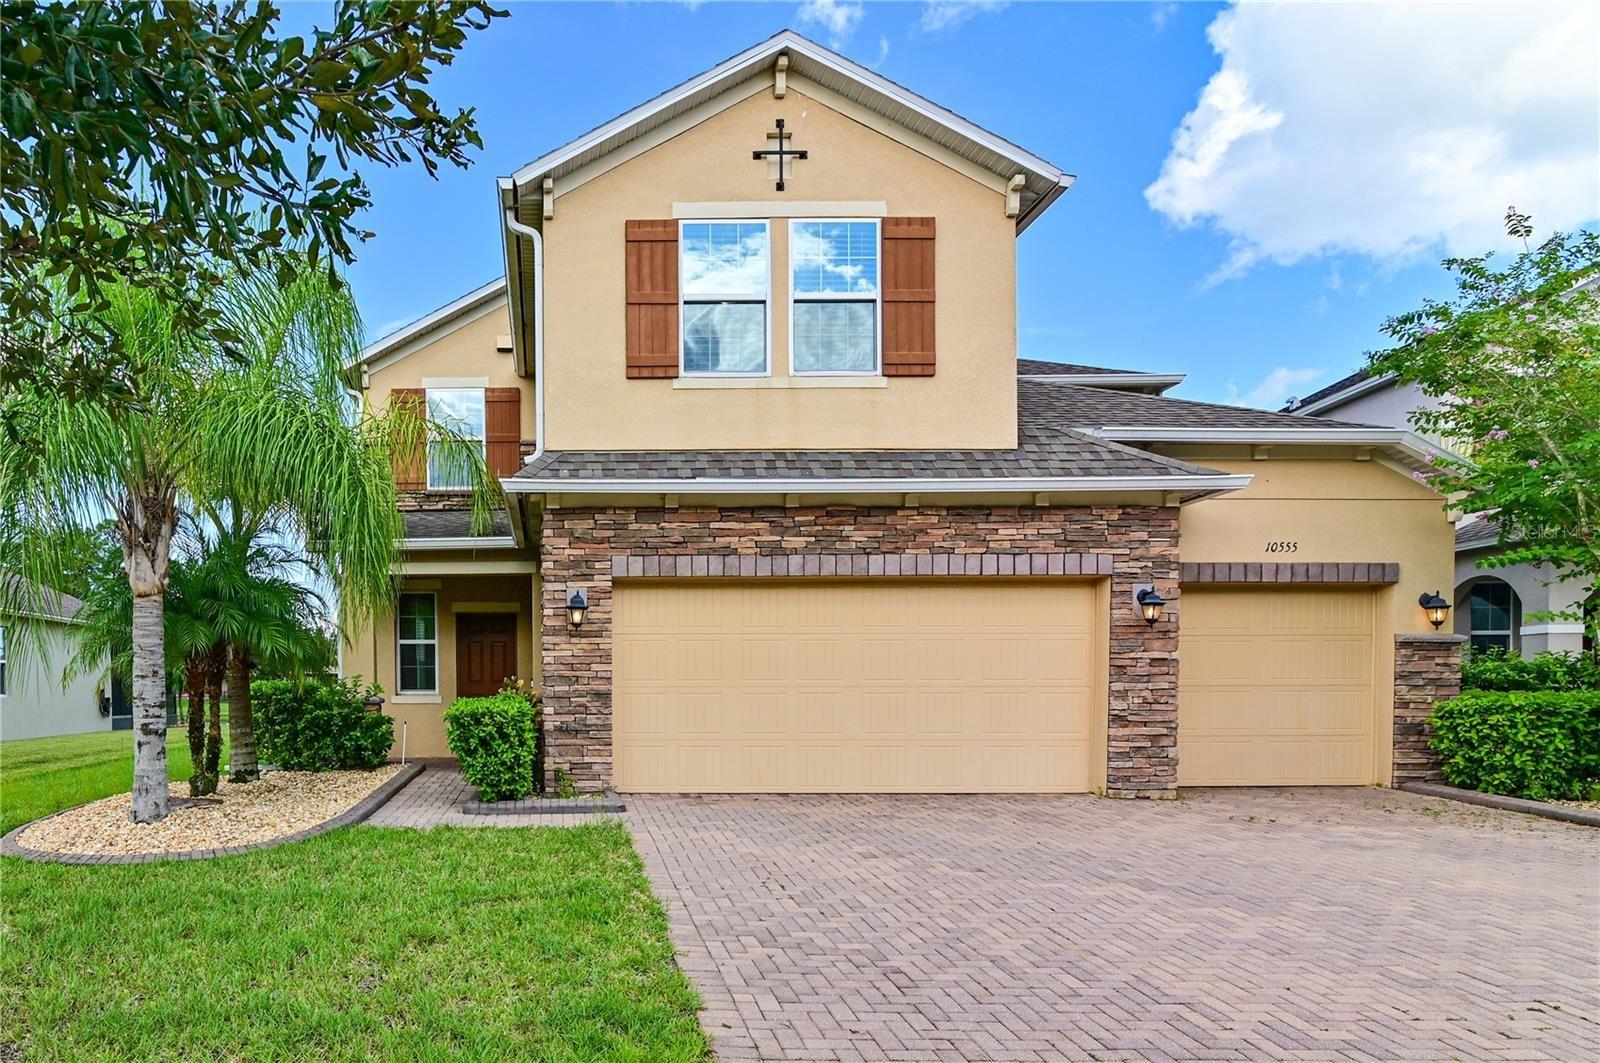 10555 ARBOR VIEW BOULEVARD, Orlando, FL 32825 - #: O5972880